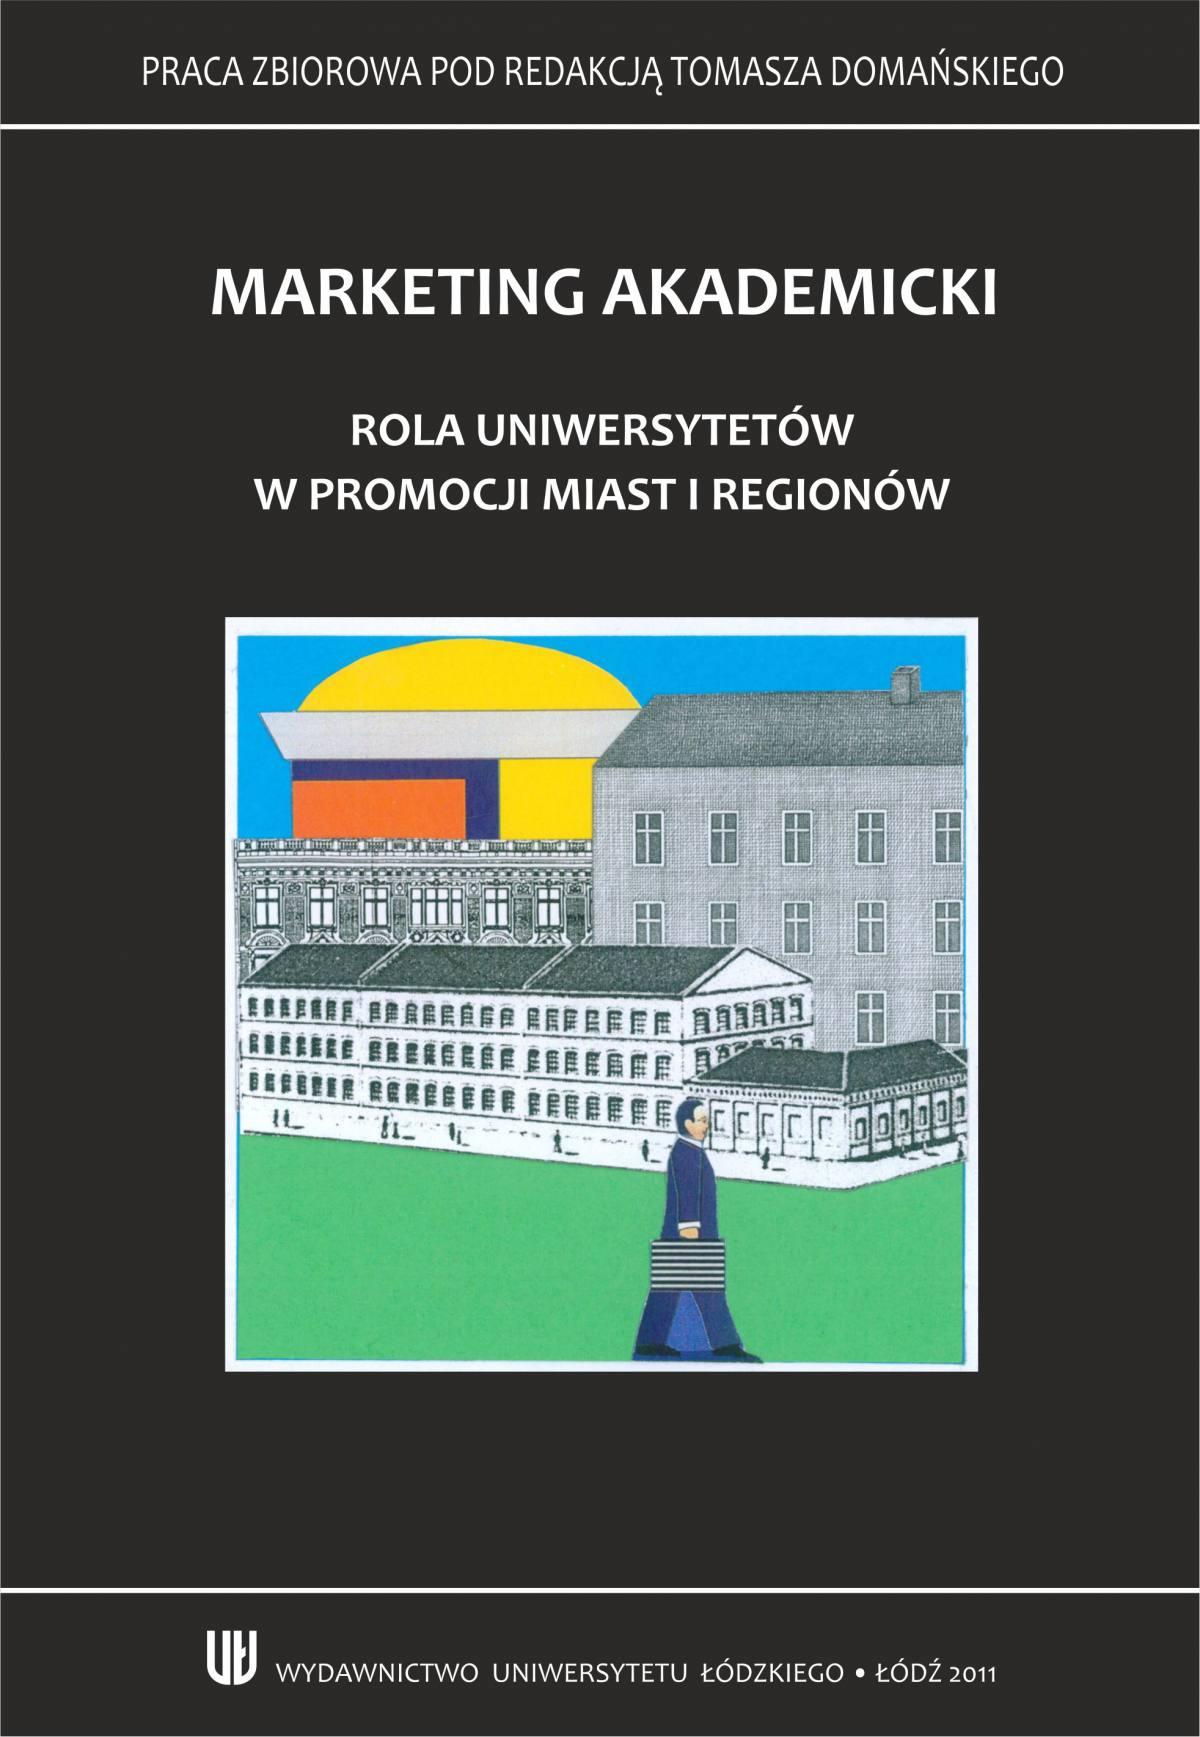 Marketing akademicki. Rola uniwersytetów w promocji miast i regionów - Ebook (Książka PDF) do pobrania w formacie PDF